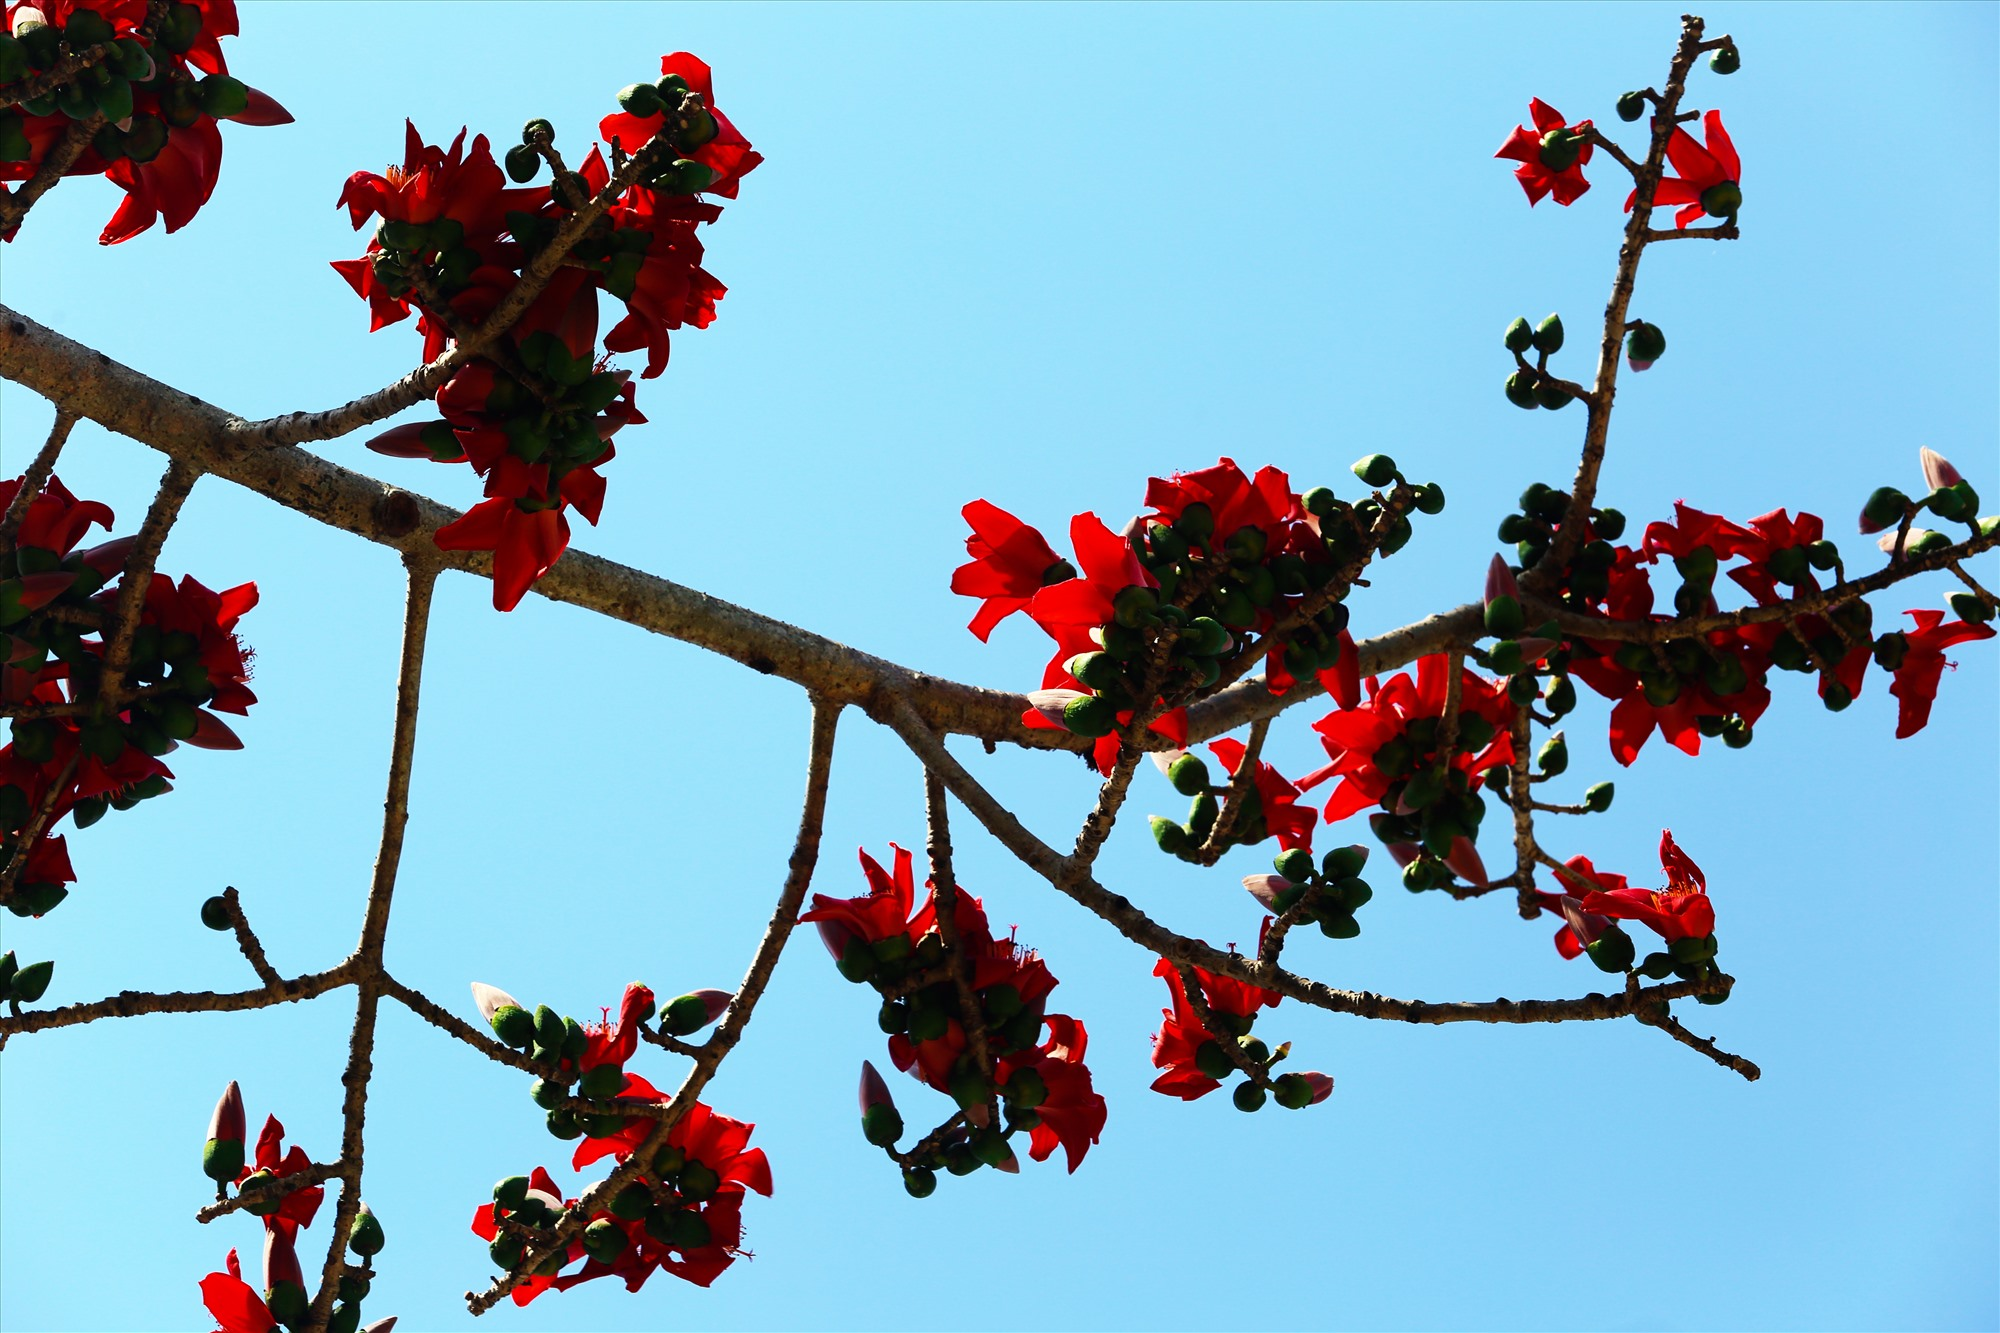 Hoa mọc dày thành cụm, nở trước khi cây lá non. Ảnh: T.C